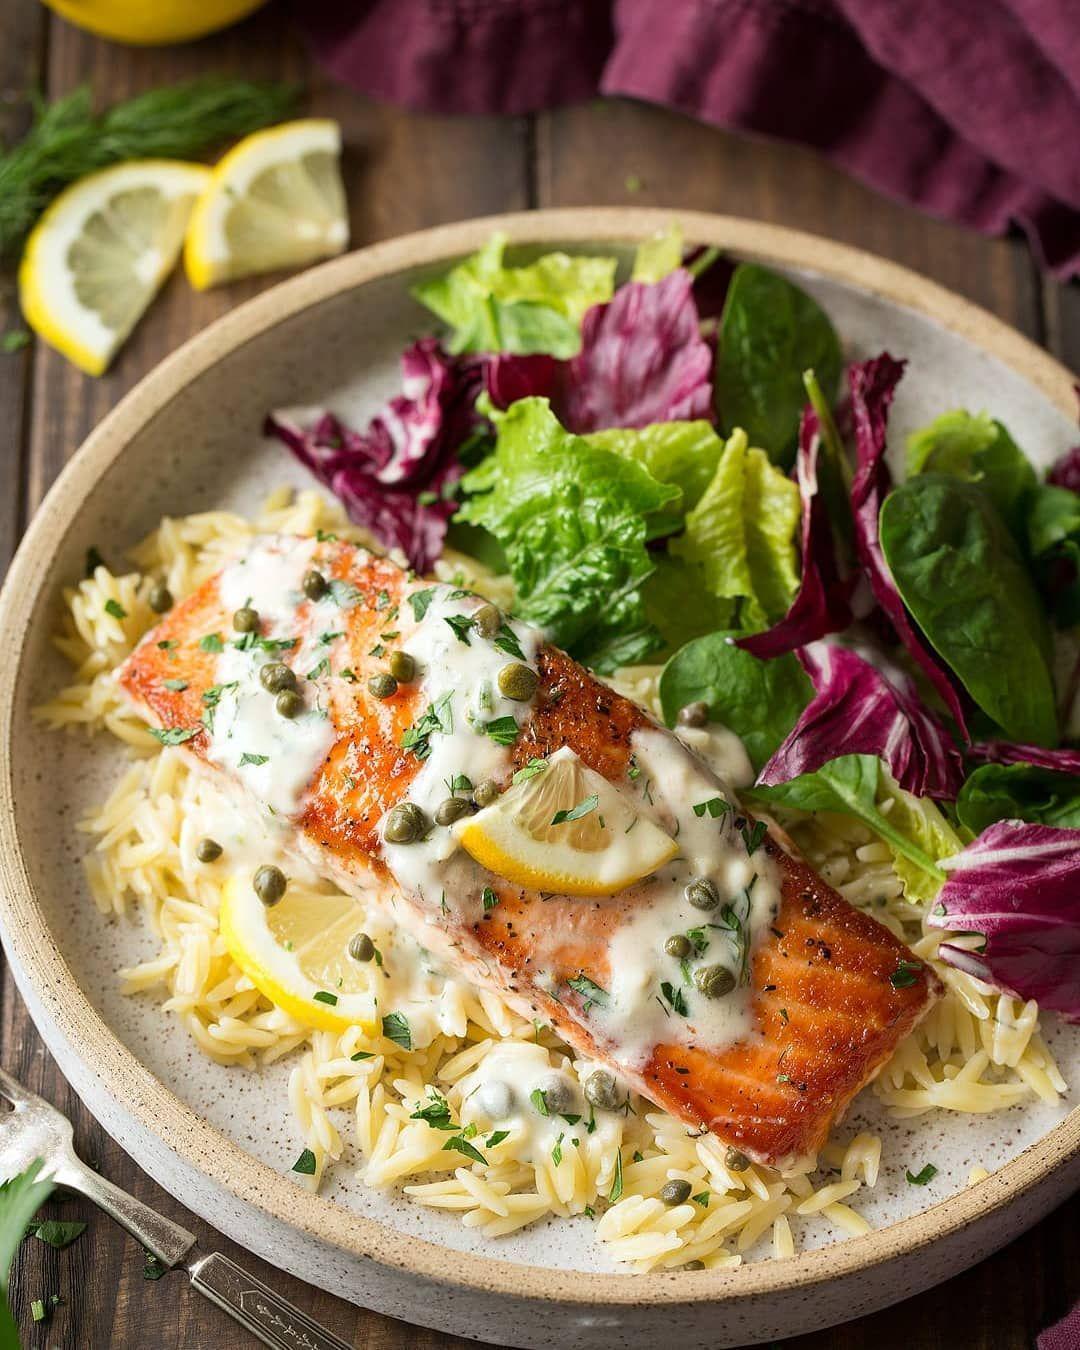 اعرف معنا ما هى الأغذية التي ترفع المعنويات غذاء رقم 1 السمك و زيوت السمك السمك غنى بالاحماض الدهنيه الاوميجا 3 وهى قادره علي التخلص من حاله الكأ